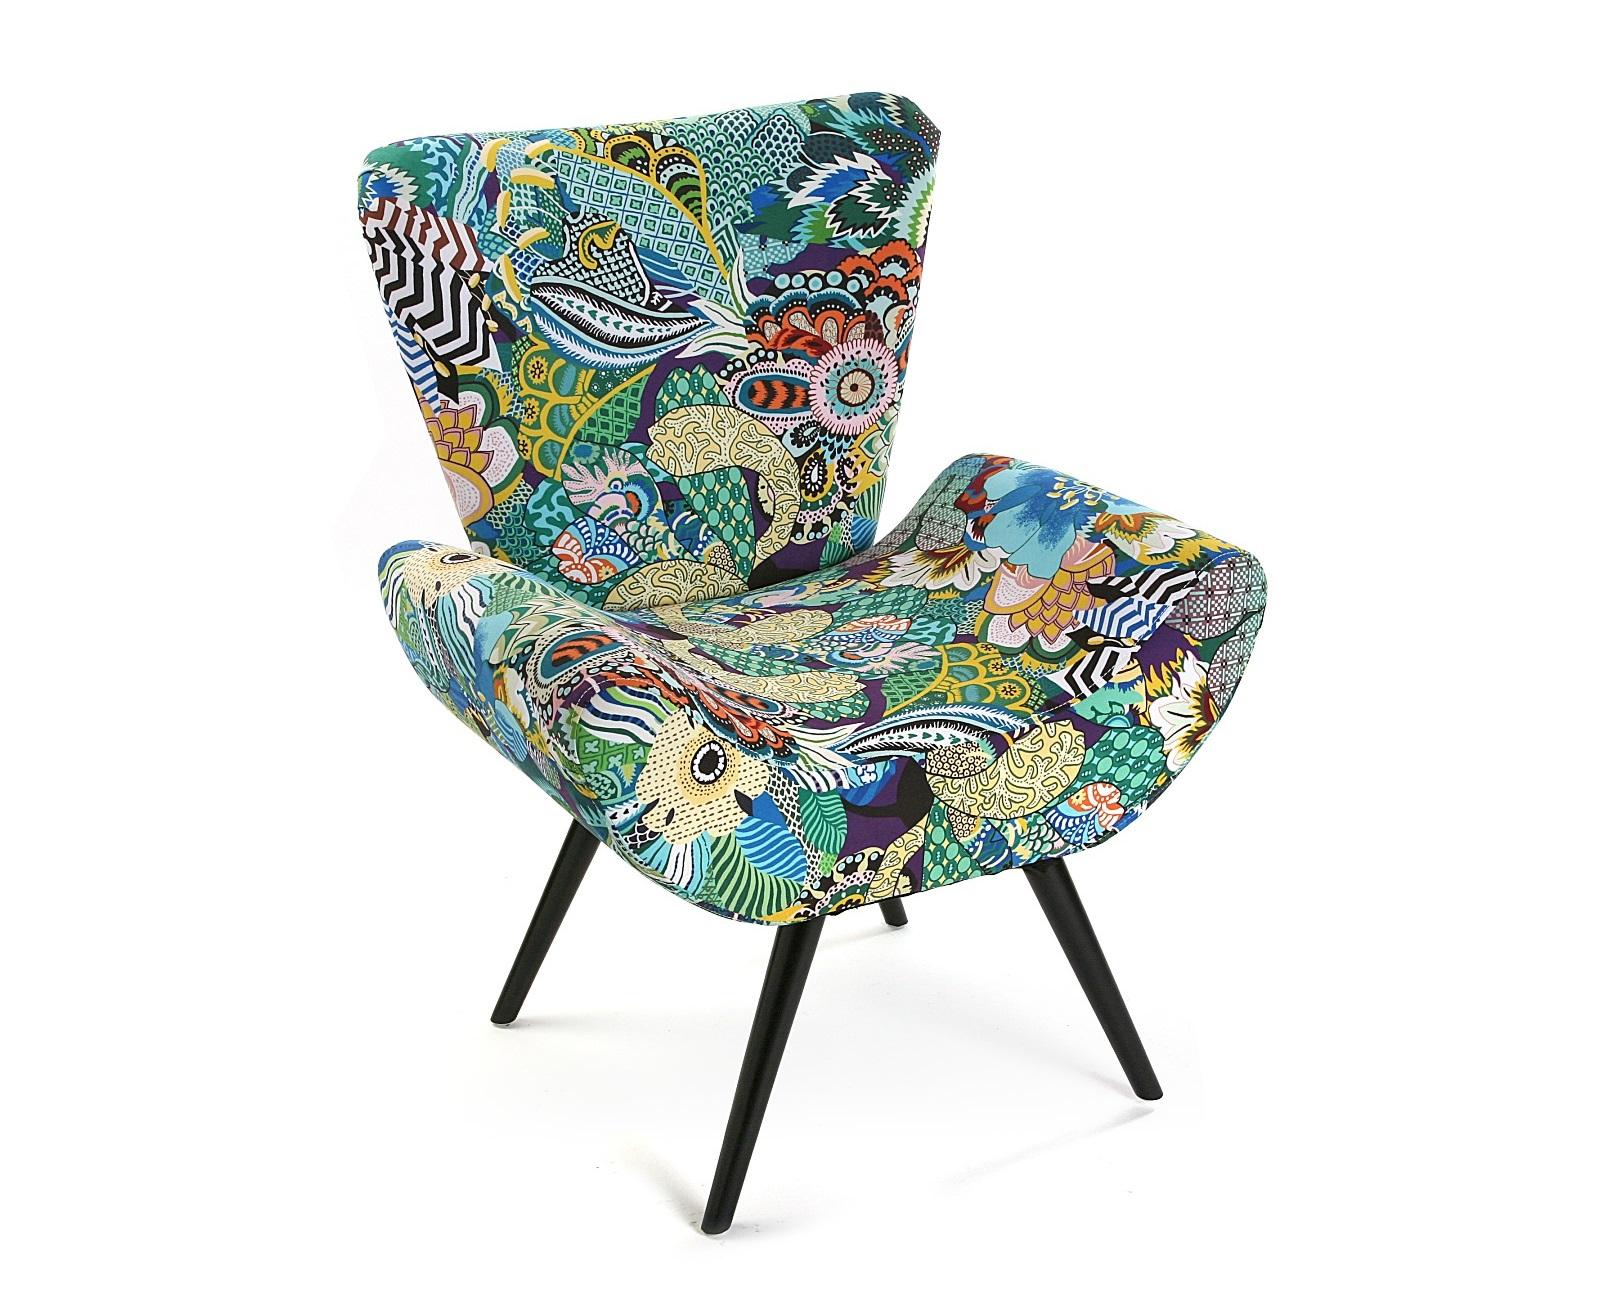 КреслоИнтерьерные кресла<br><br><br>Material: Текстиль<br>Length см: None<br>Width см: 72<br>Depth см: 70<br>Height см: 83